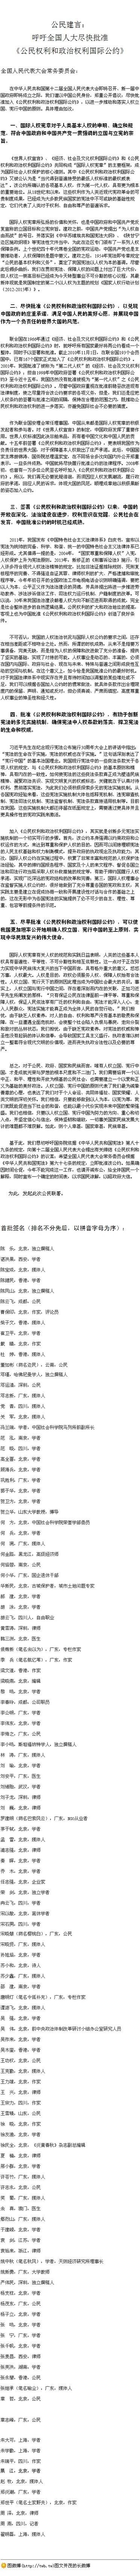 La chine n'est pas en reste. Avec cet appel des intellectuels chinois à Xi Jinping, les chinois entendent se mobiliser autour des droits des hommes des femmes et des enfants | droit de l'Homme | Scoop.it